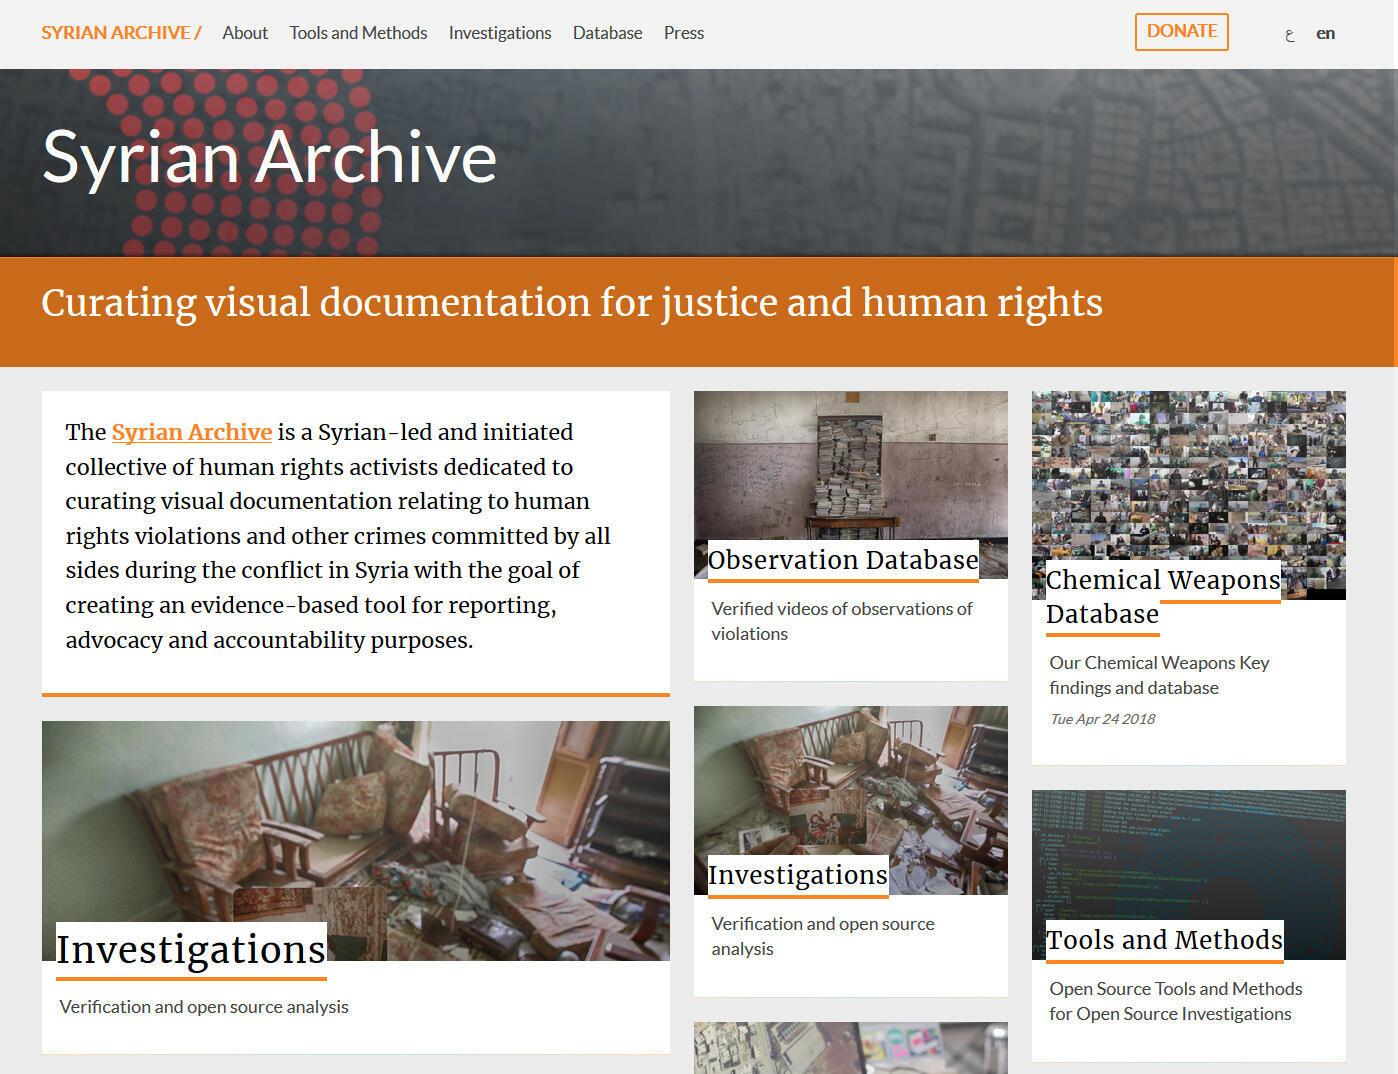 La page d'accueil de Syrian Archive